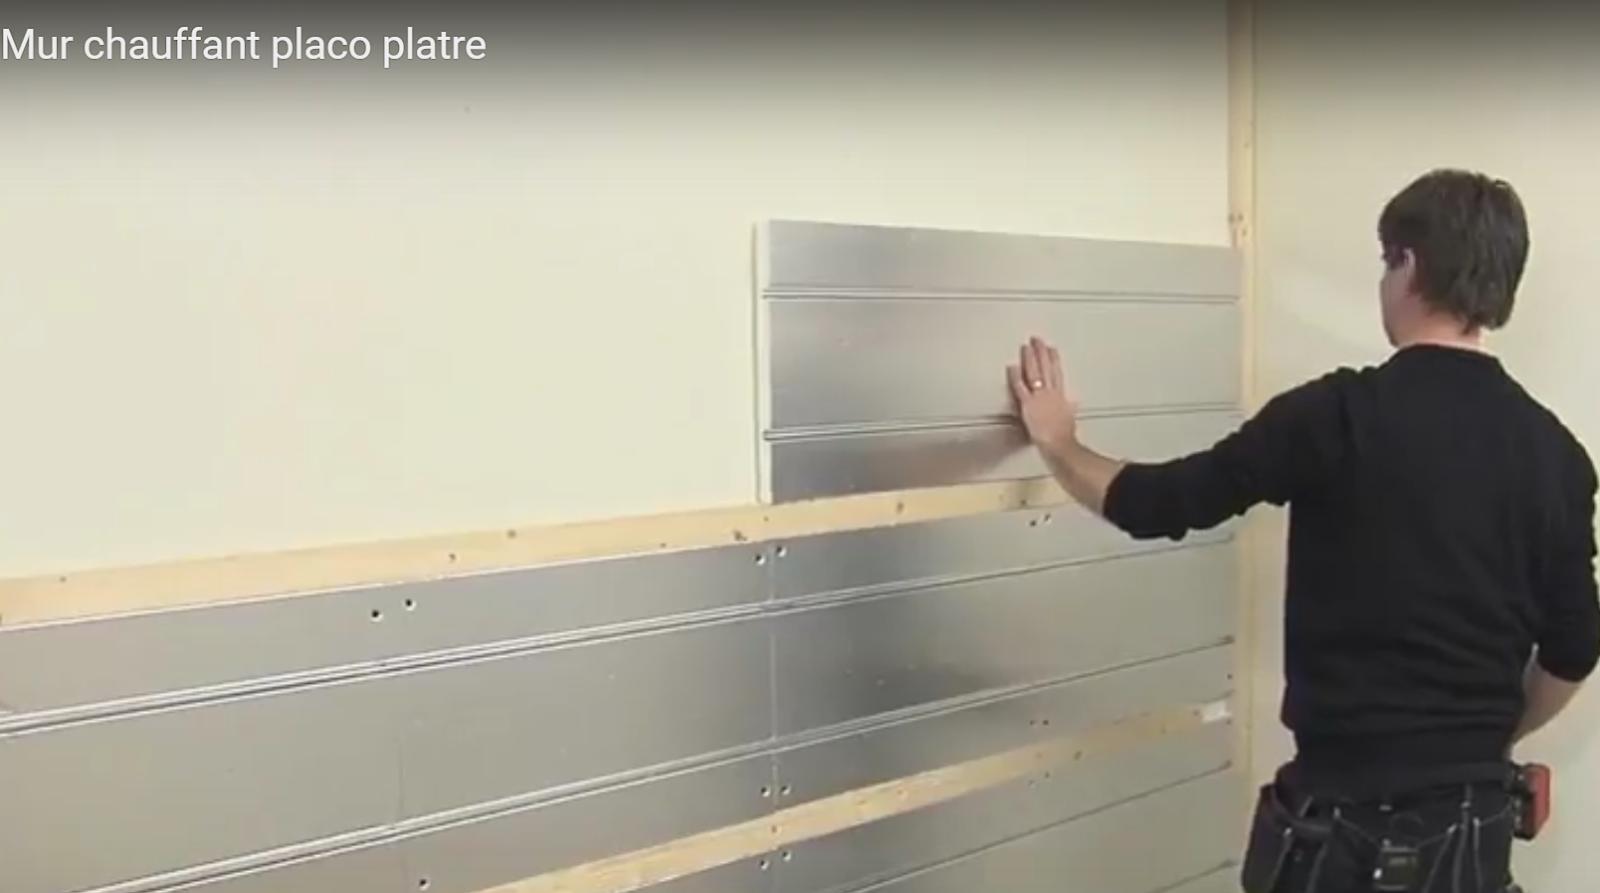 Mur chauffant rafraichissant pour climatiser une chambre d'hôtel